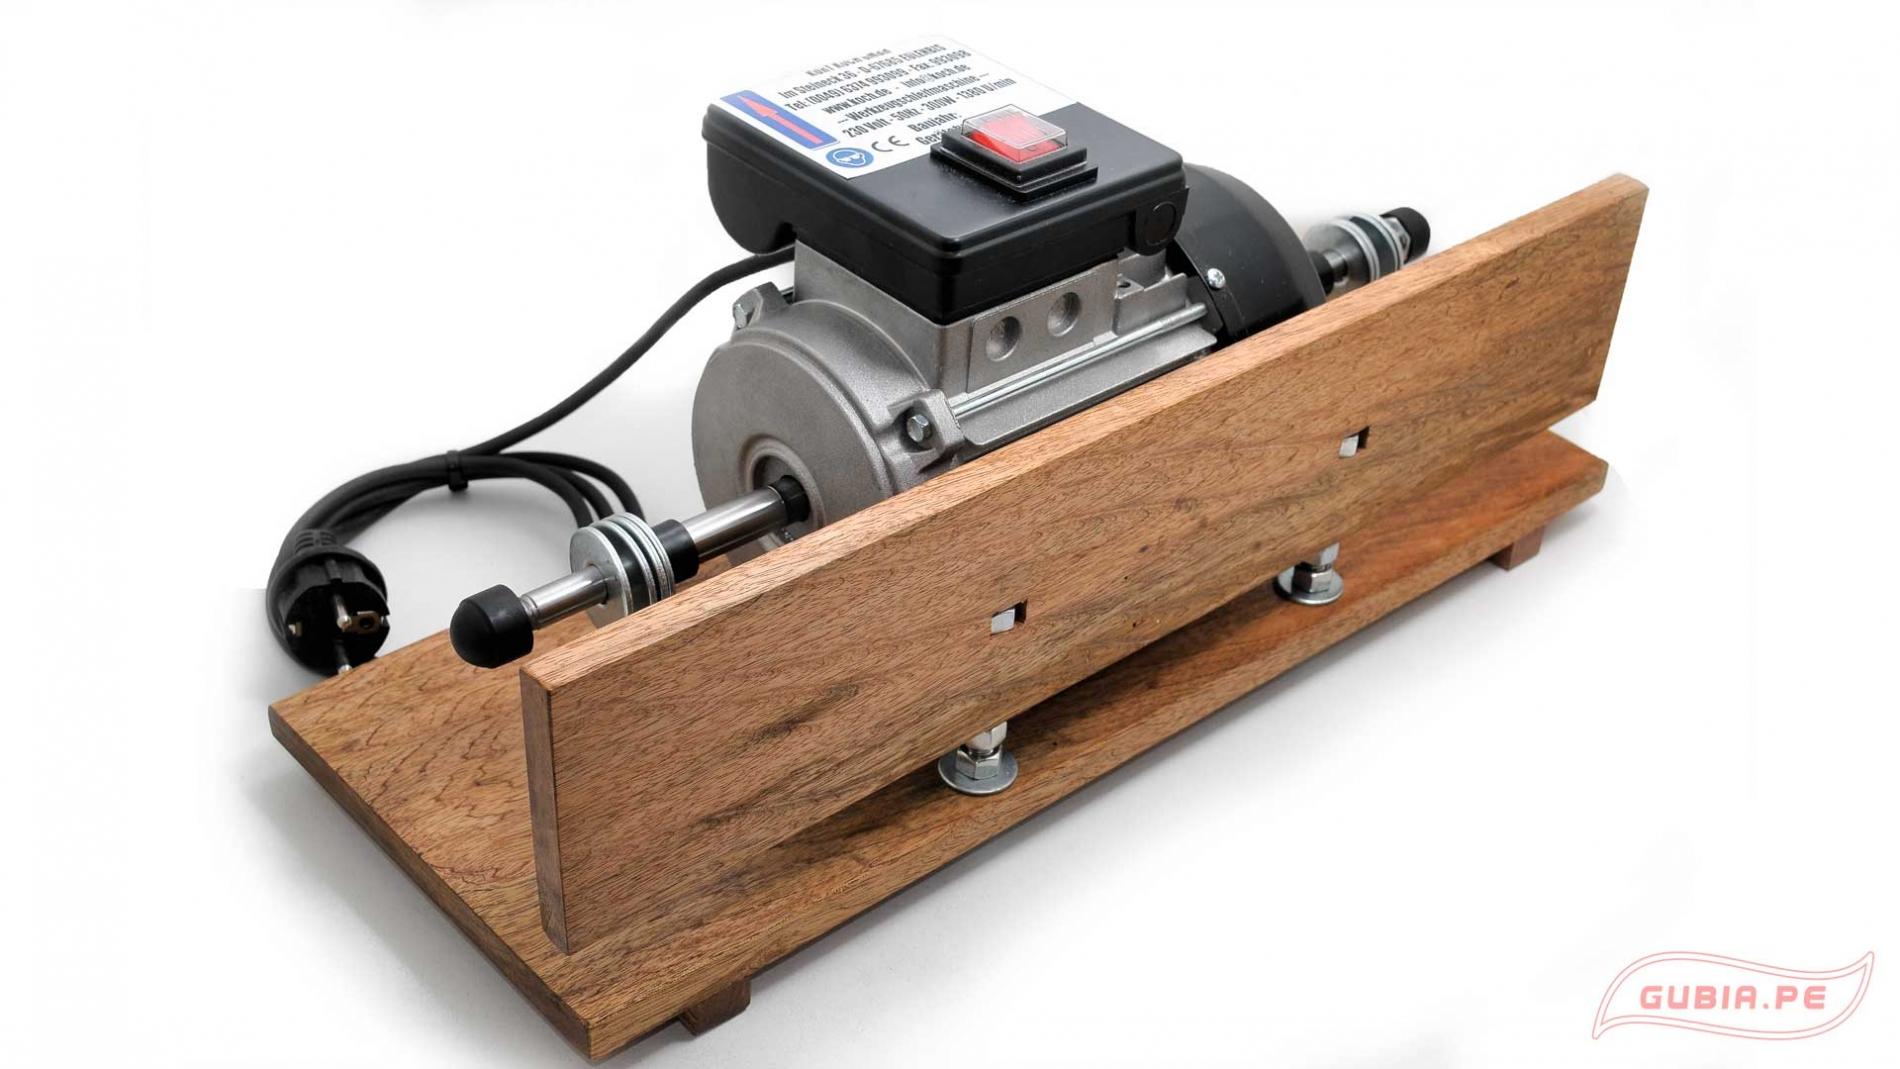 HT50300-Motor y soporte para afilar gubias con discos KOCH HT50300-max-1.